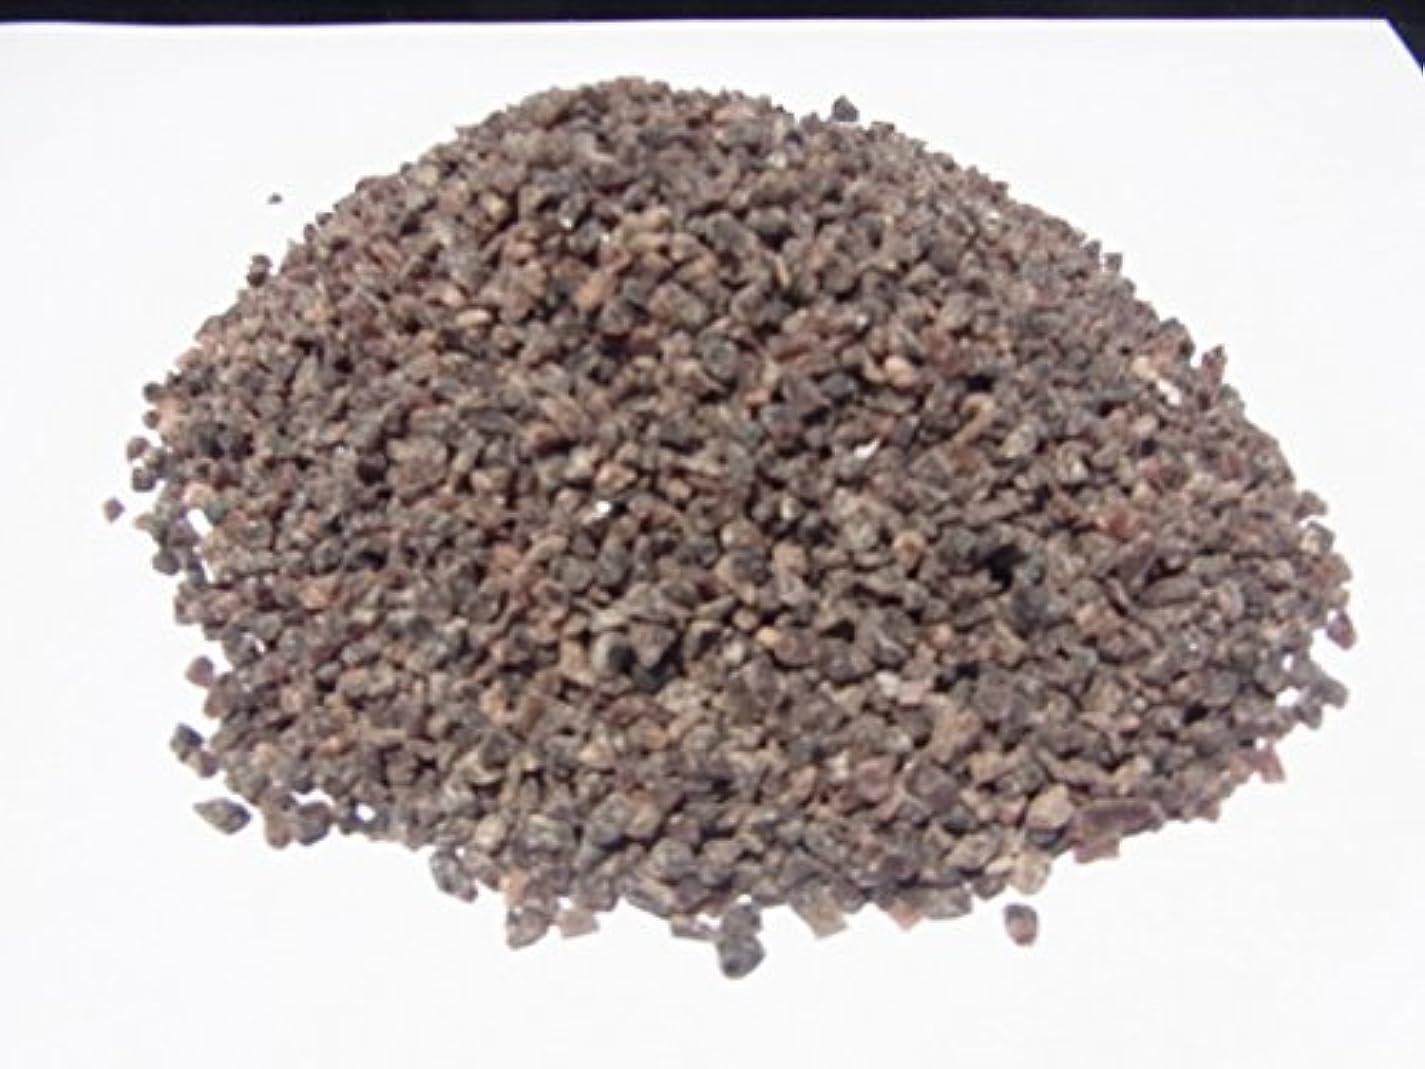 広告添加剤ファンタジーヒマラヤ岩塩1kg【ブラックソルト】 紫岩塩 ザラメ 粗粒 バスソルト